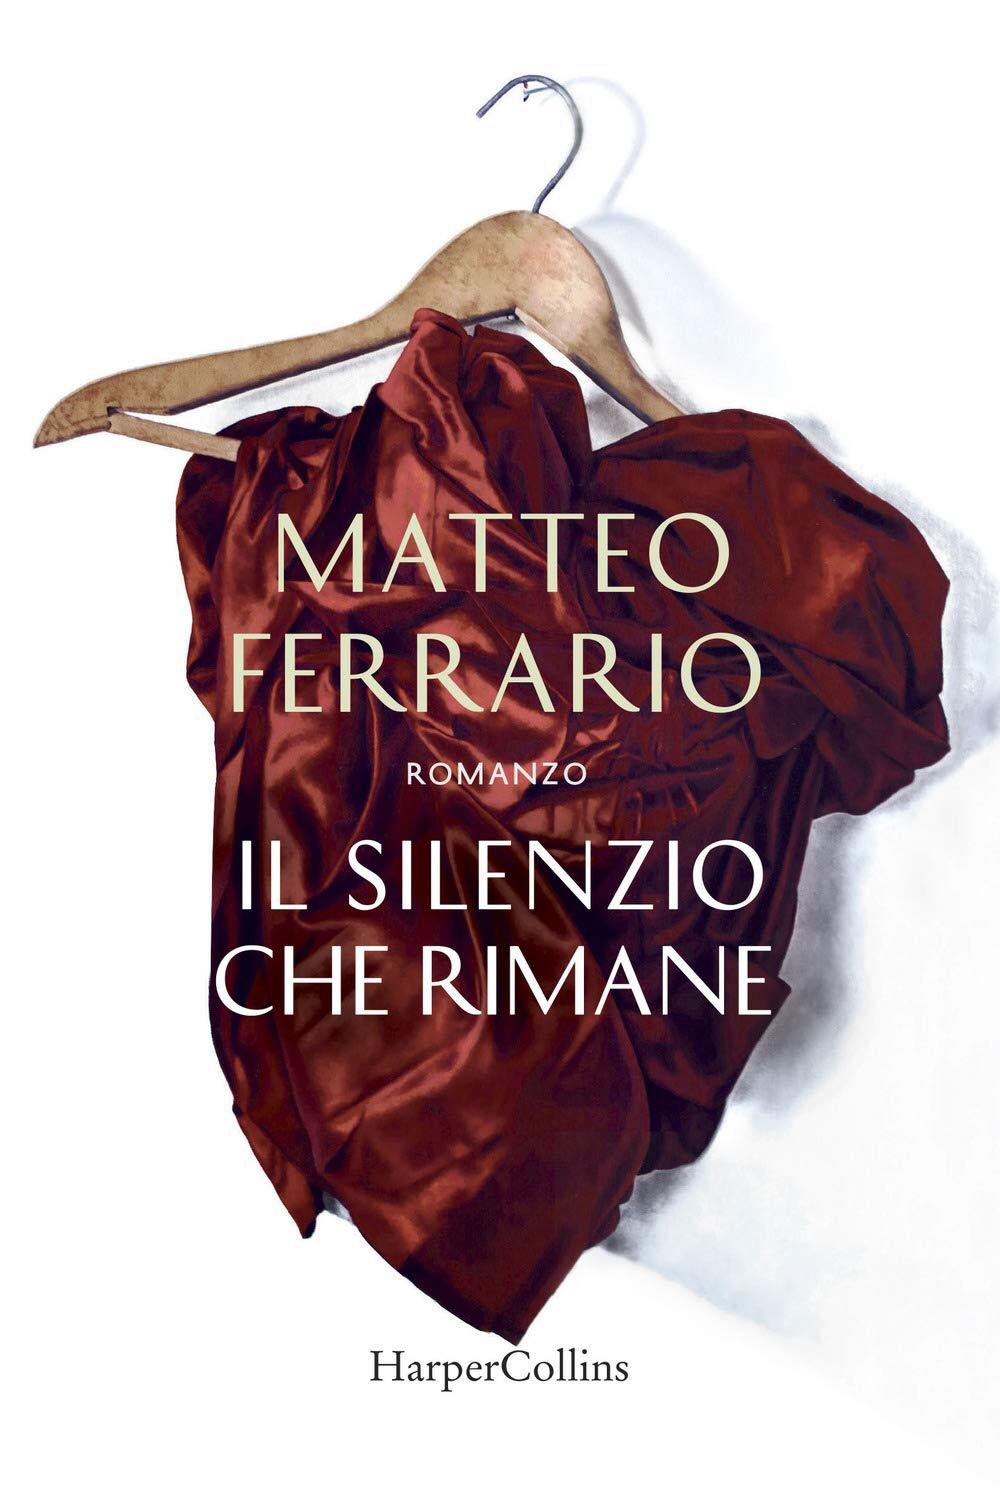 Il silenzio che rimane – Matteo Ferrario